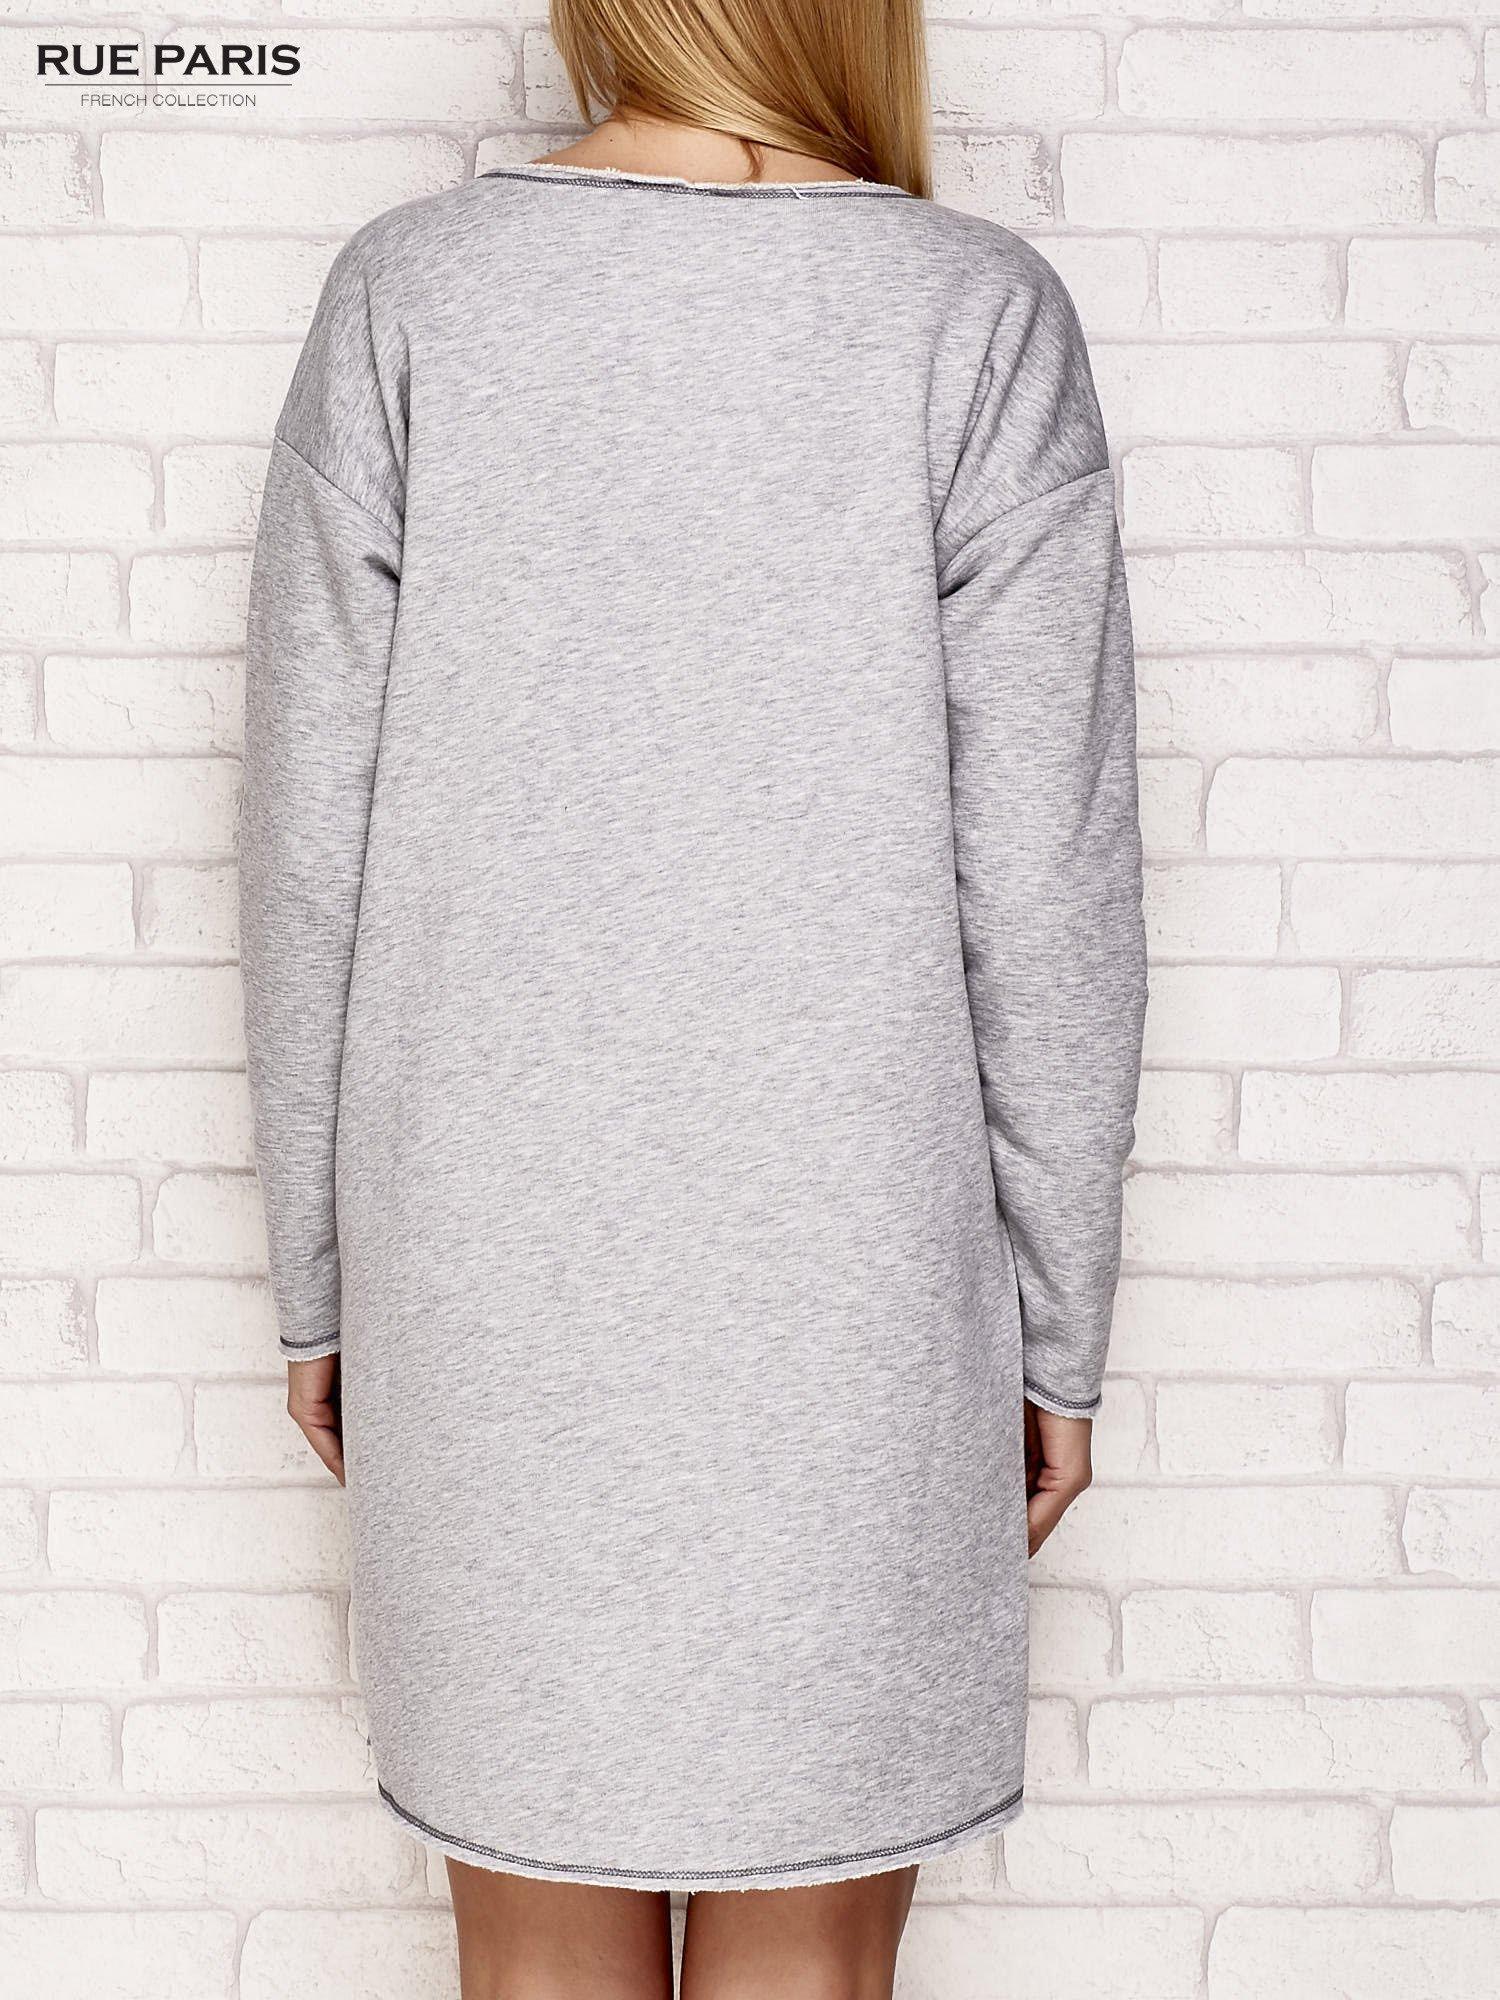 Szara dresowa sukienka z surowym wykończeniem                                  zdj.                                  4